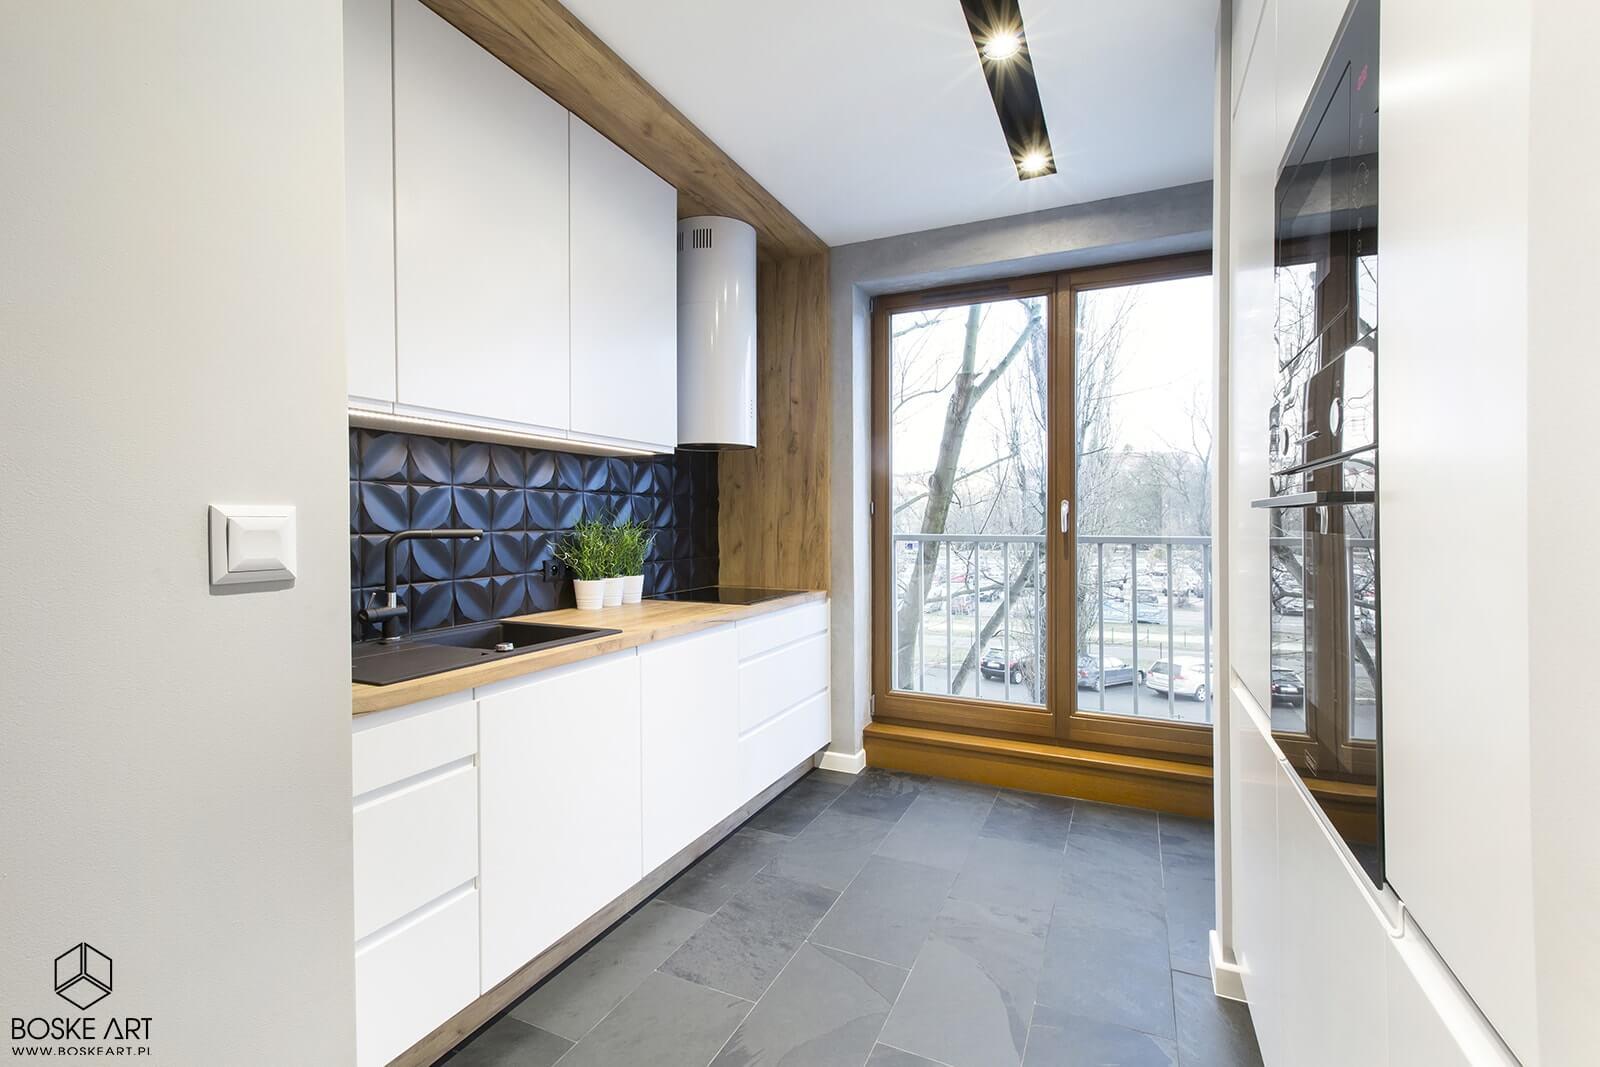 1_apartamenty_na_wynajem_poznan_boske_art_projektowanie_aranzacja_architektura_wnetrz_natalia_robaszkeiwicz-min